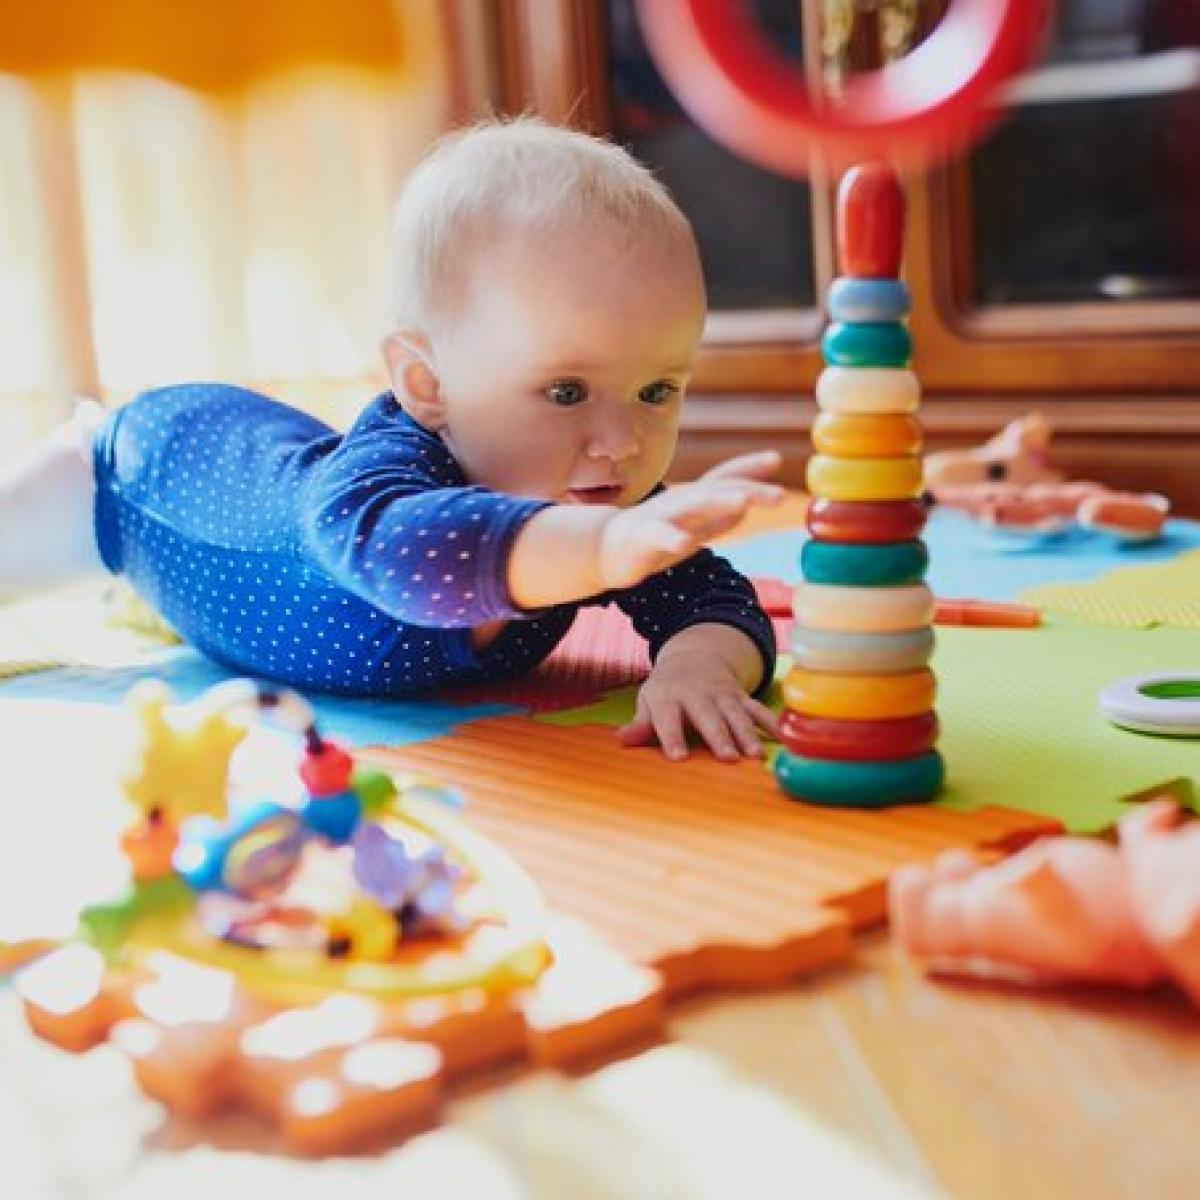 MRI may predict your child's IQ